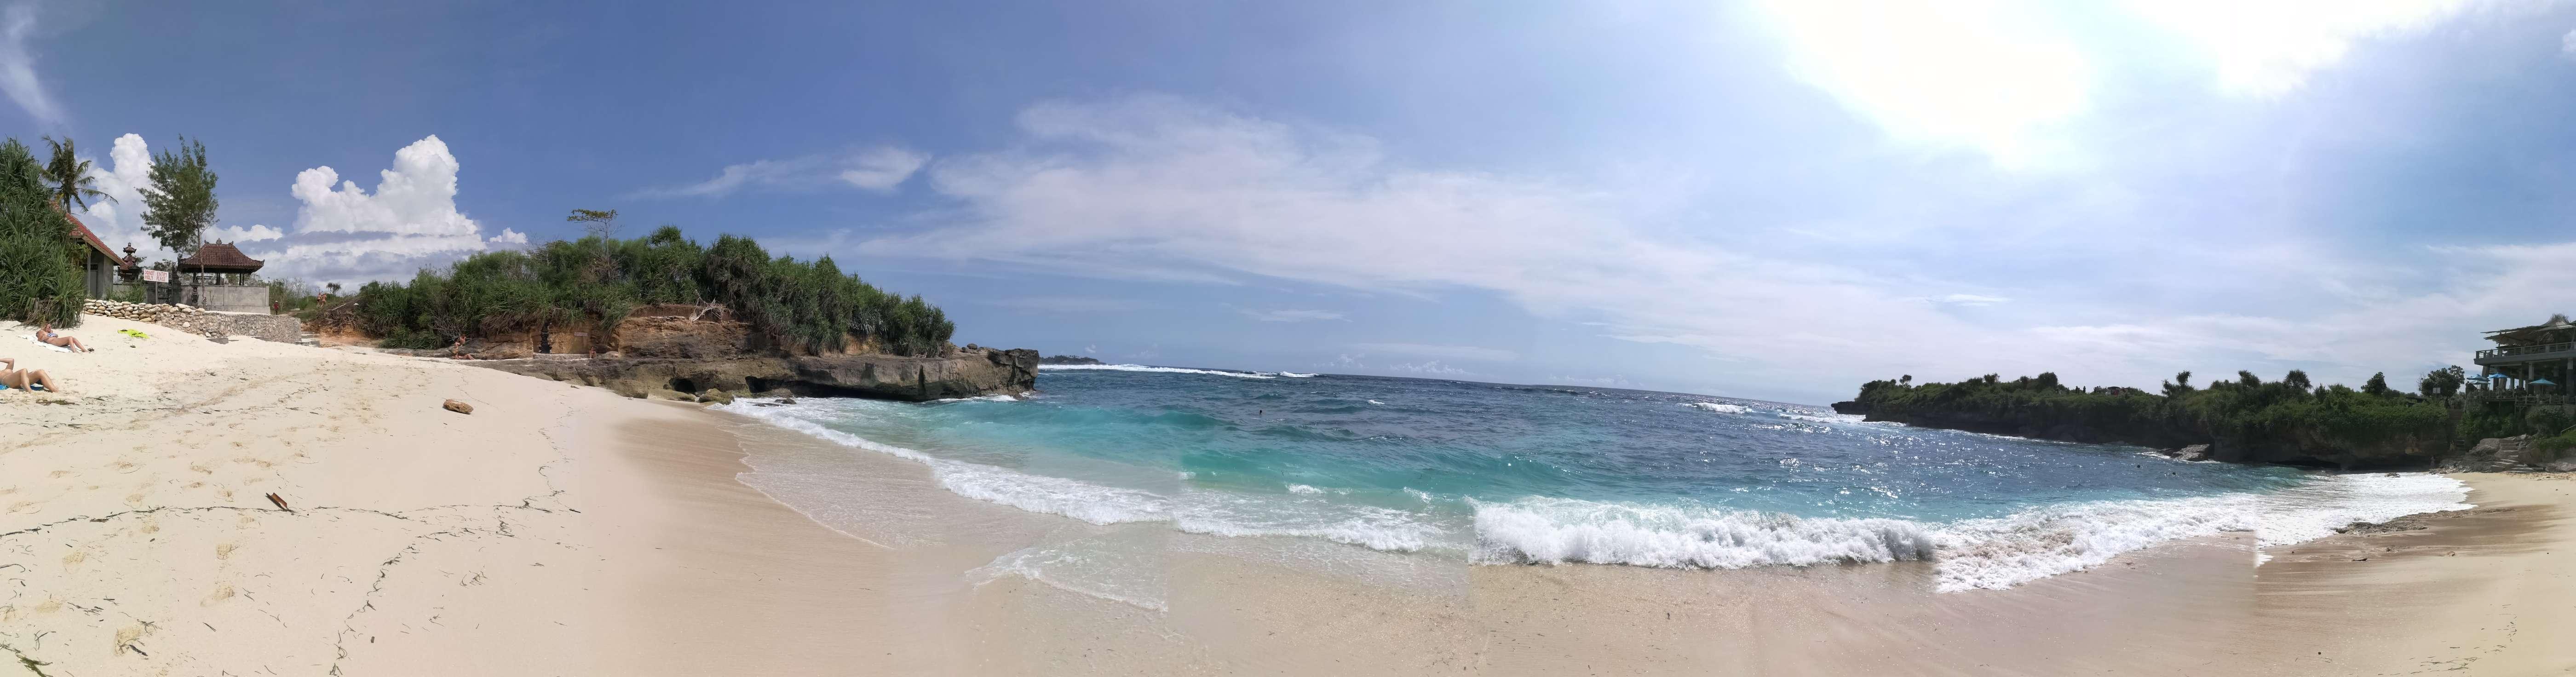 巴厘岛5晚7日半自助游_上海到巴厘岛跟团旅游攻略报价